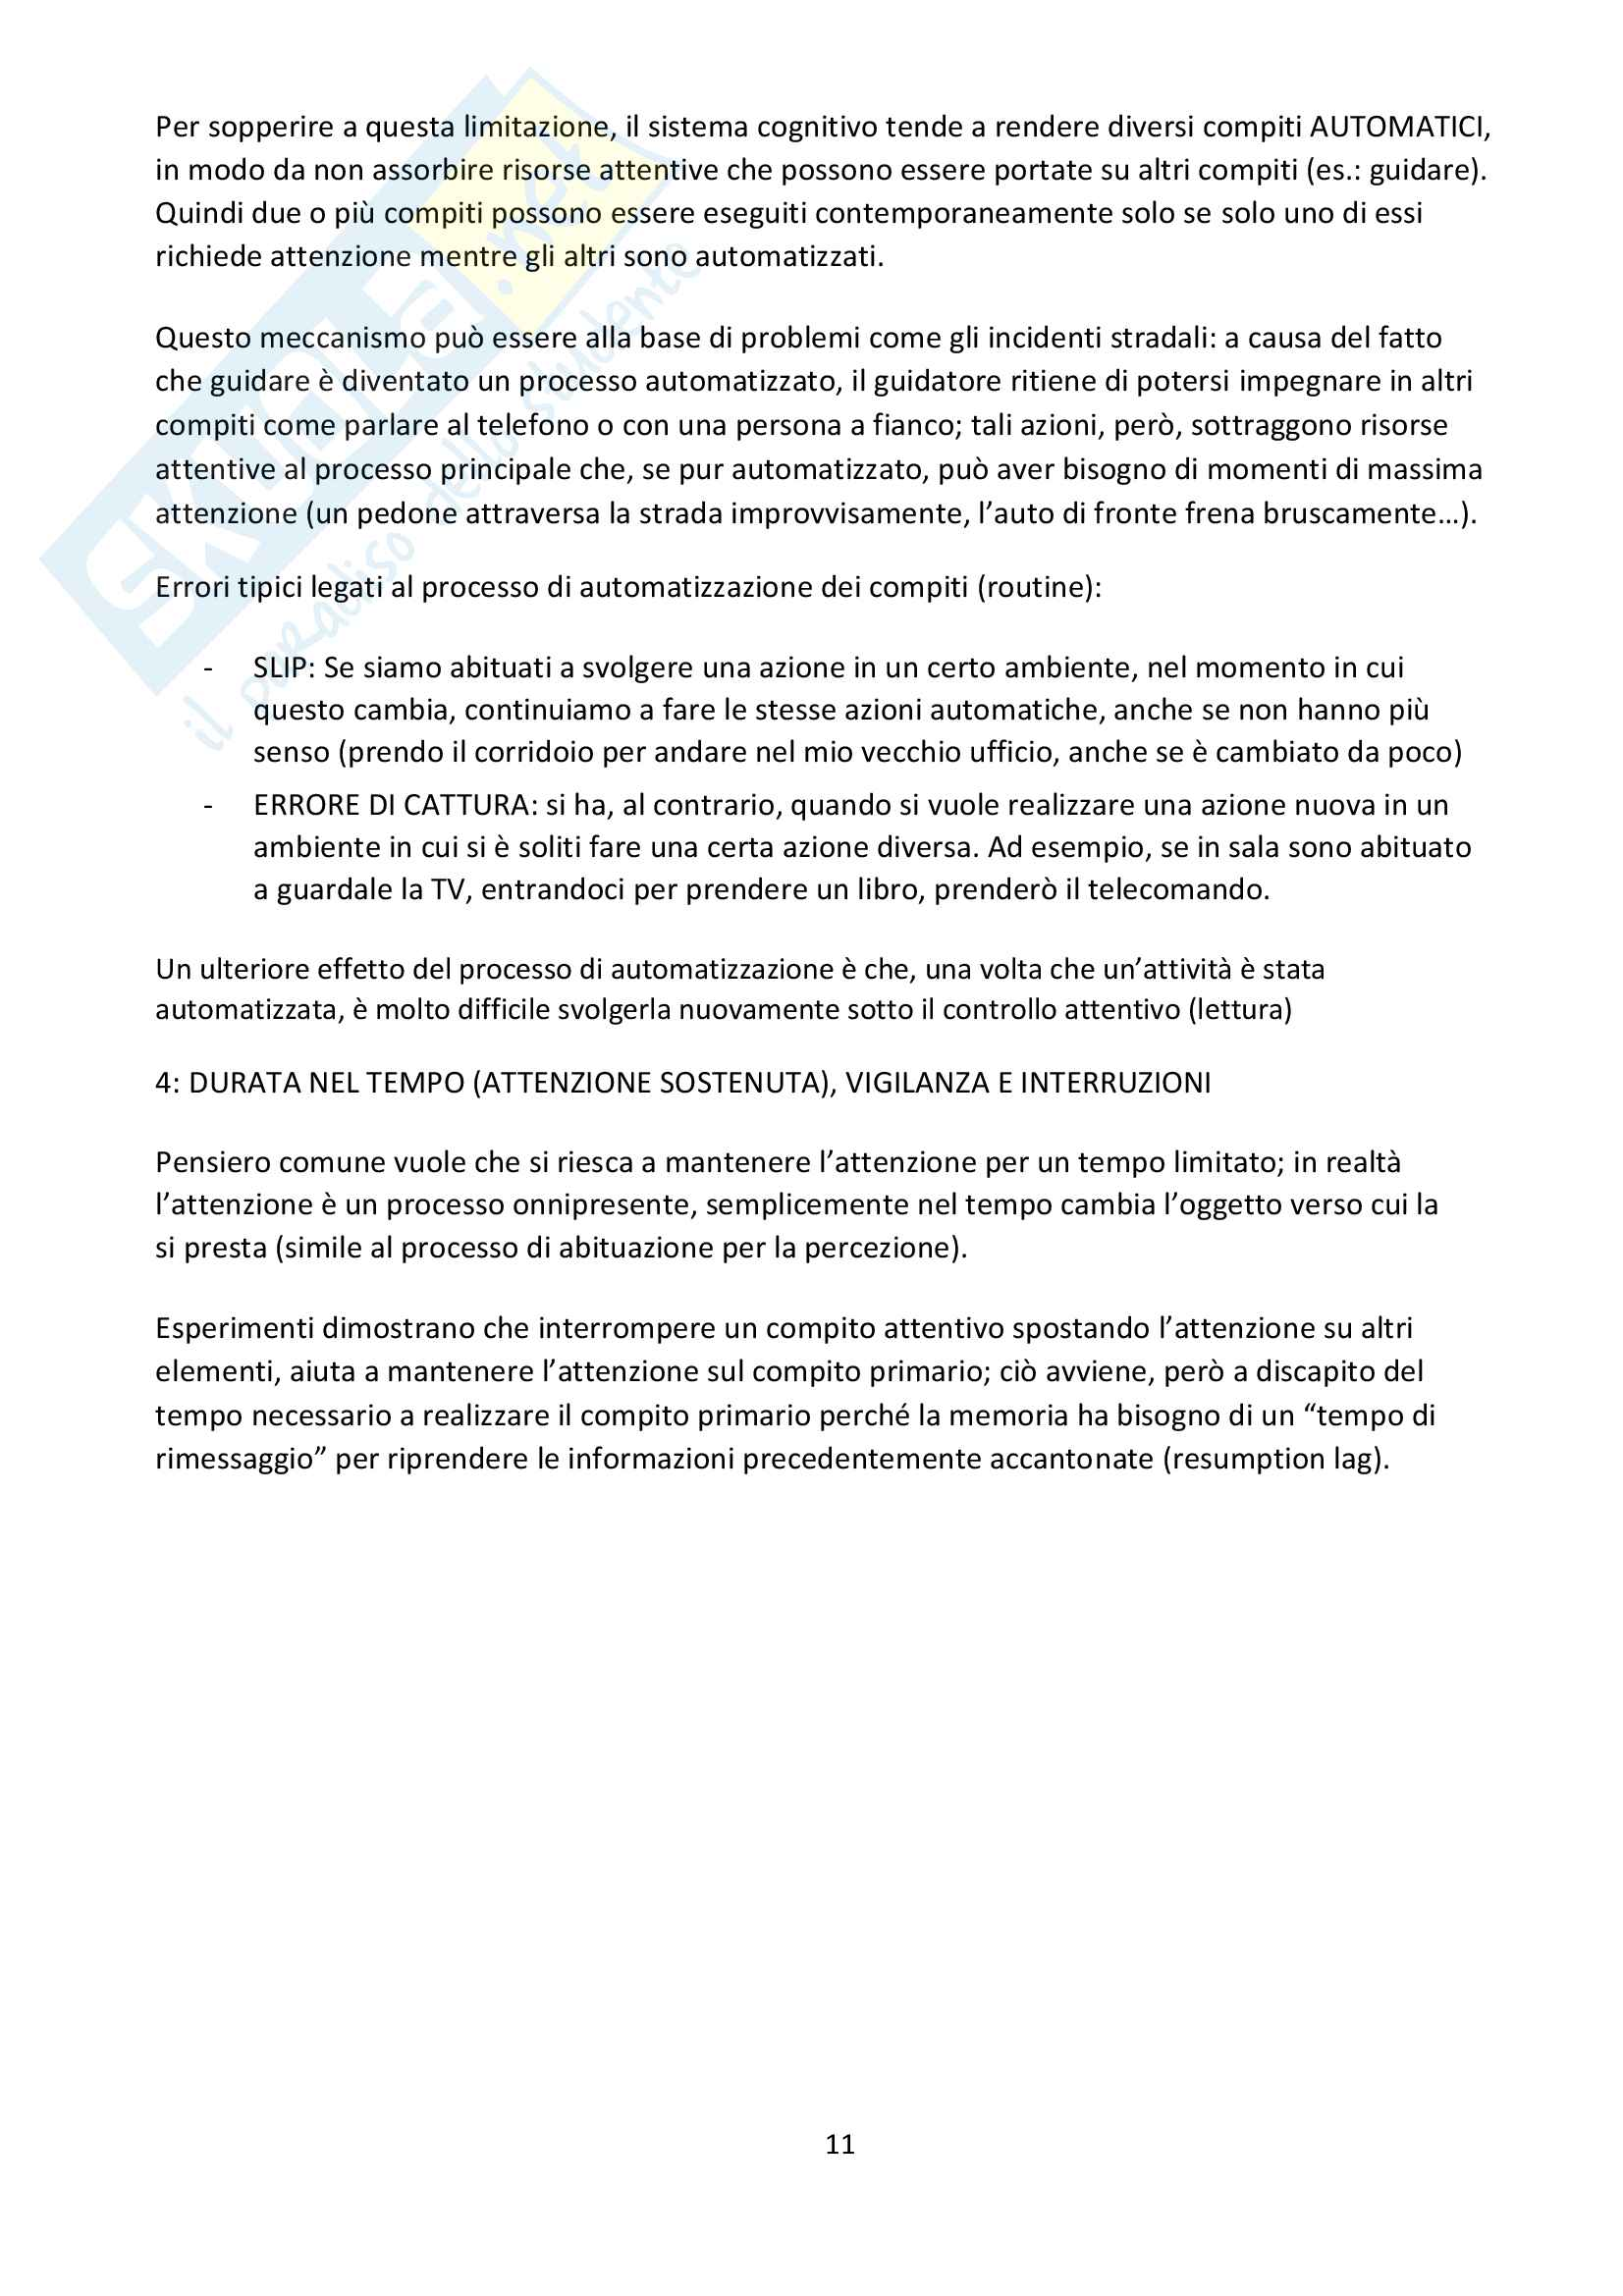 Psicologia dei processi cognitivi Pag. 11